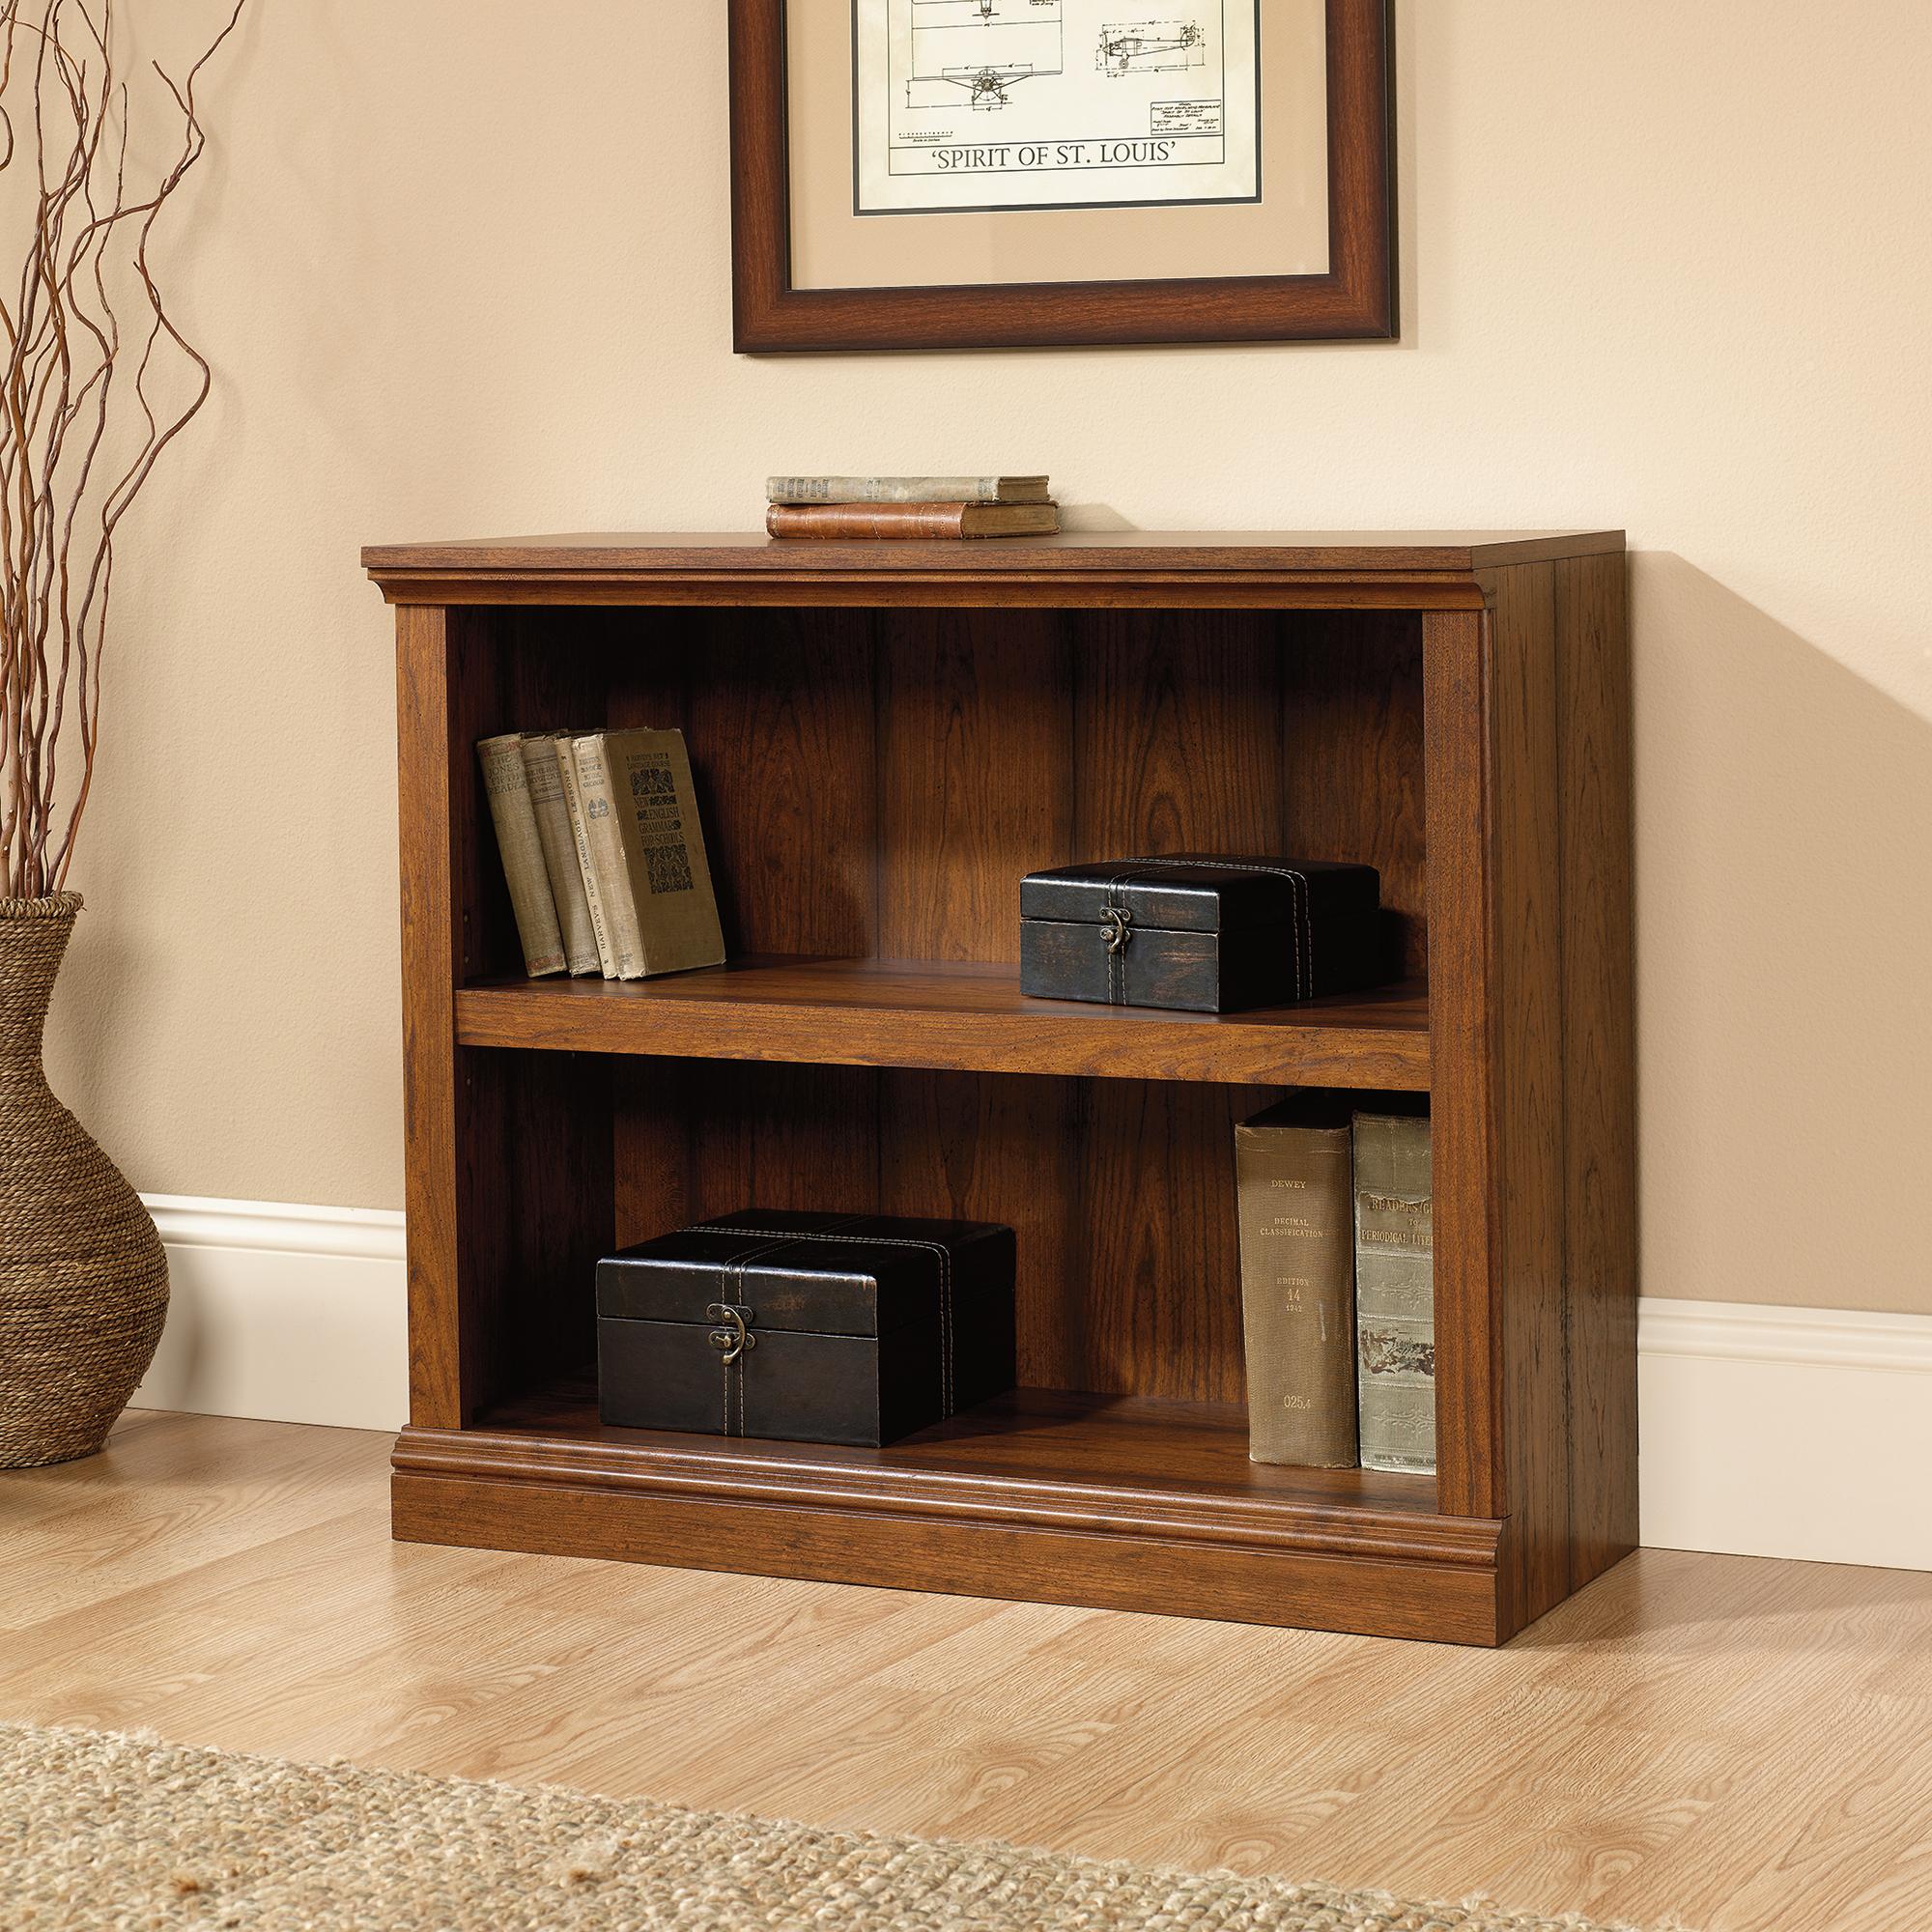 ladder pottery bookshelf wood barn of leaning desk home insight designs bookshelves image barns